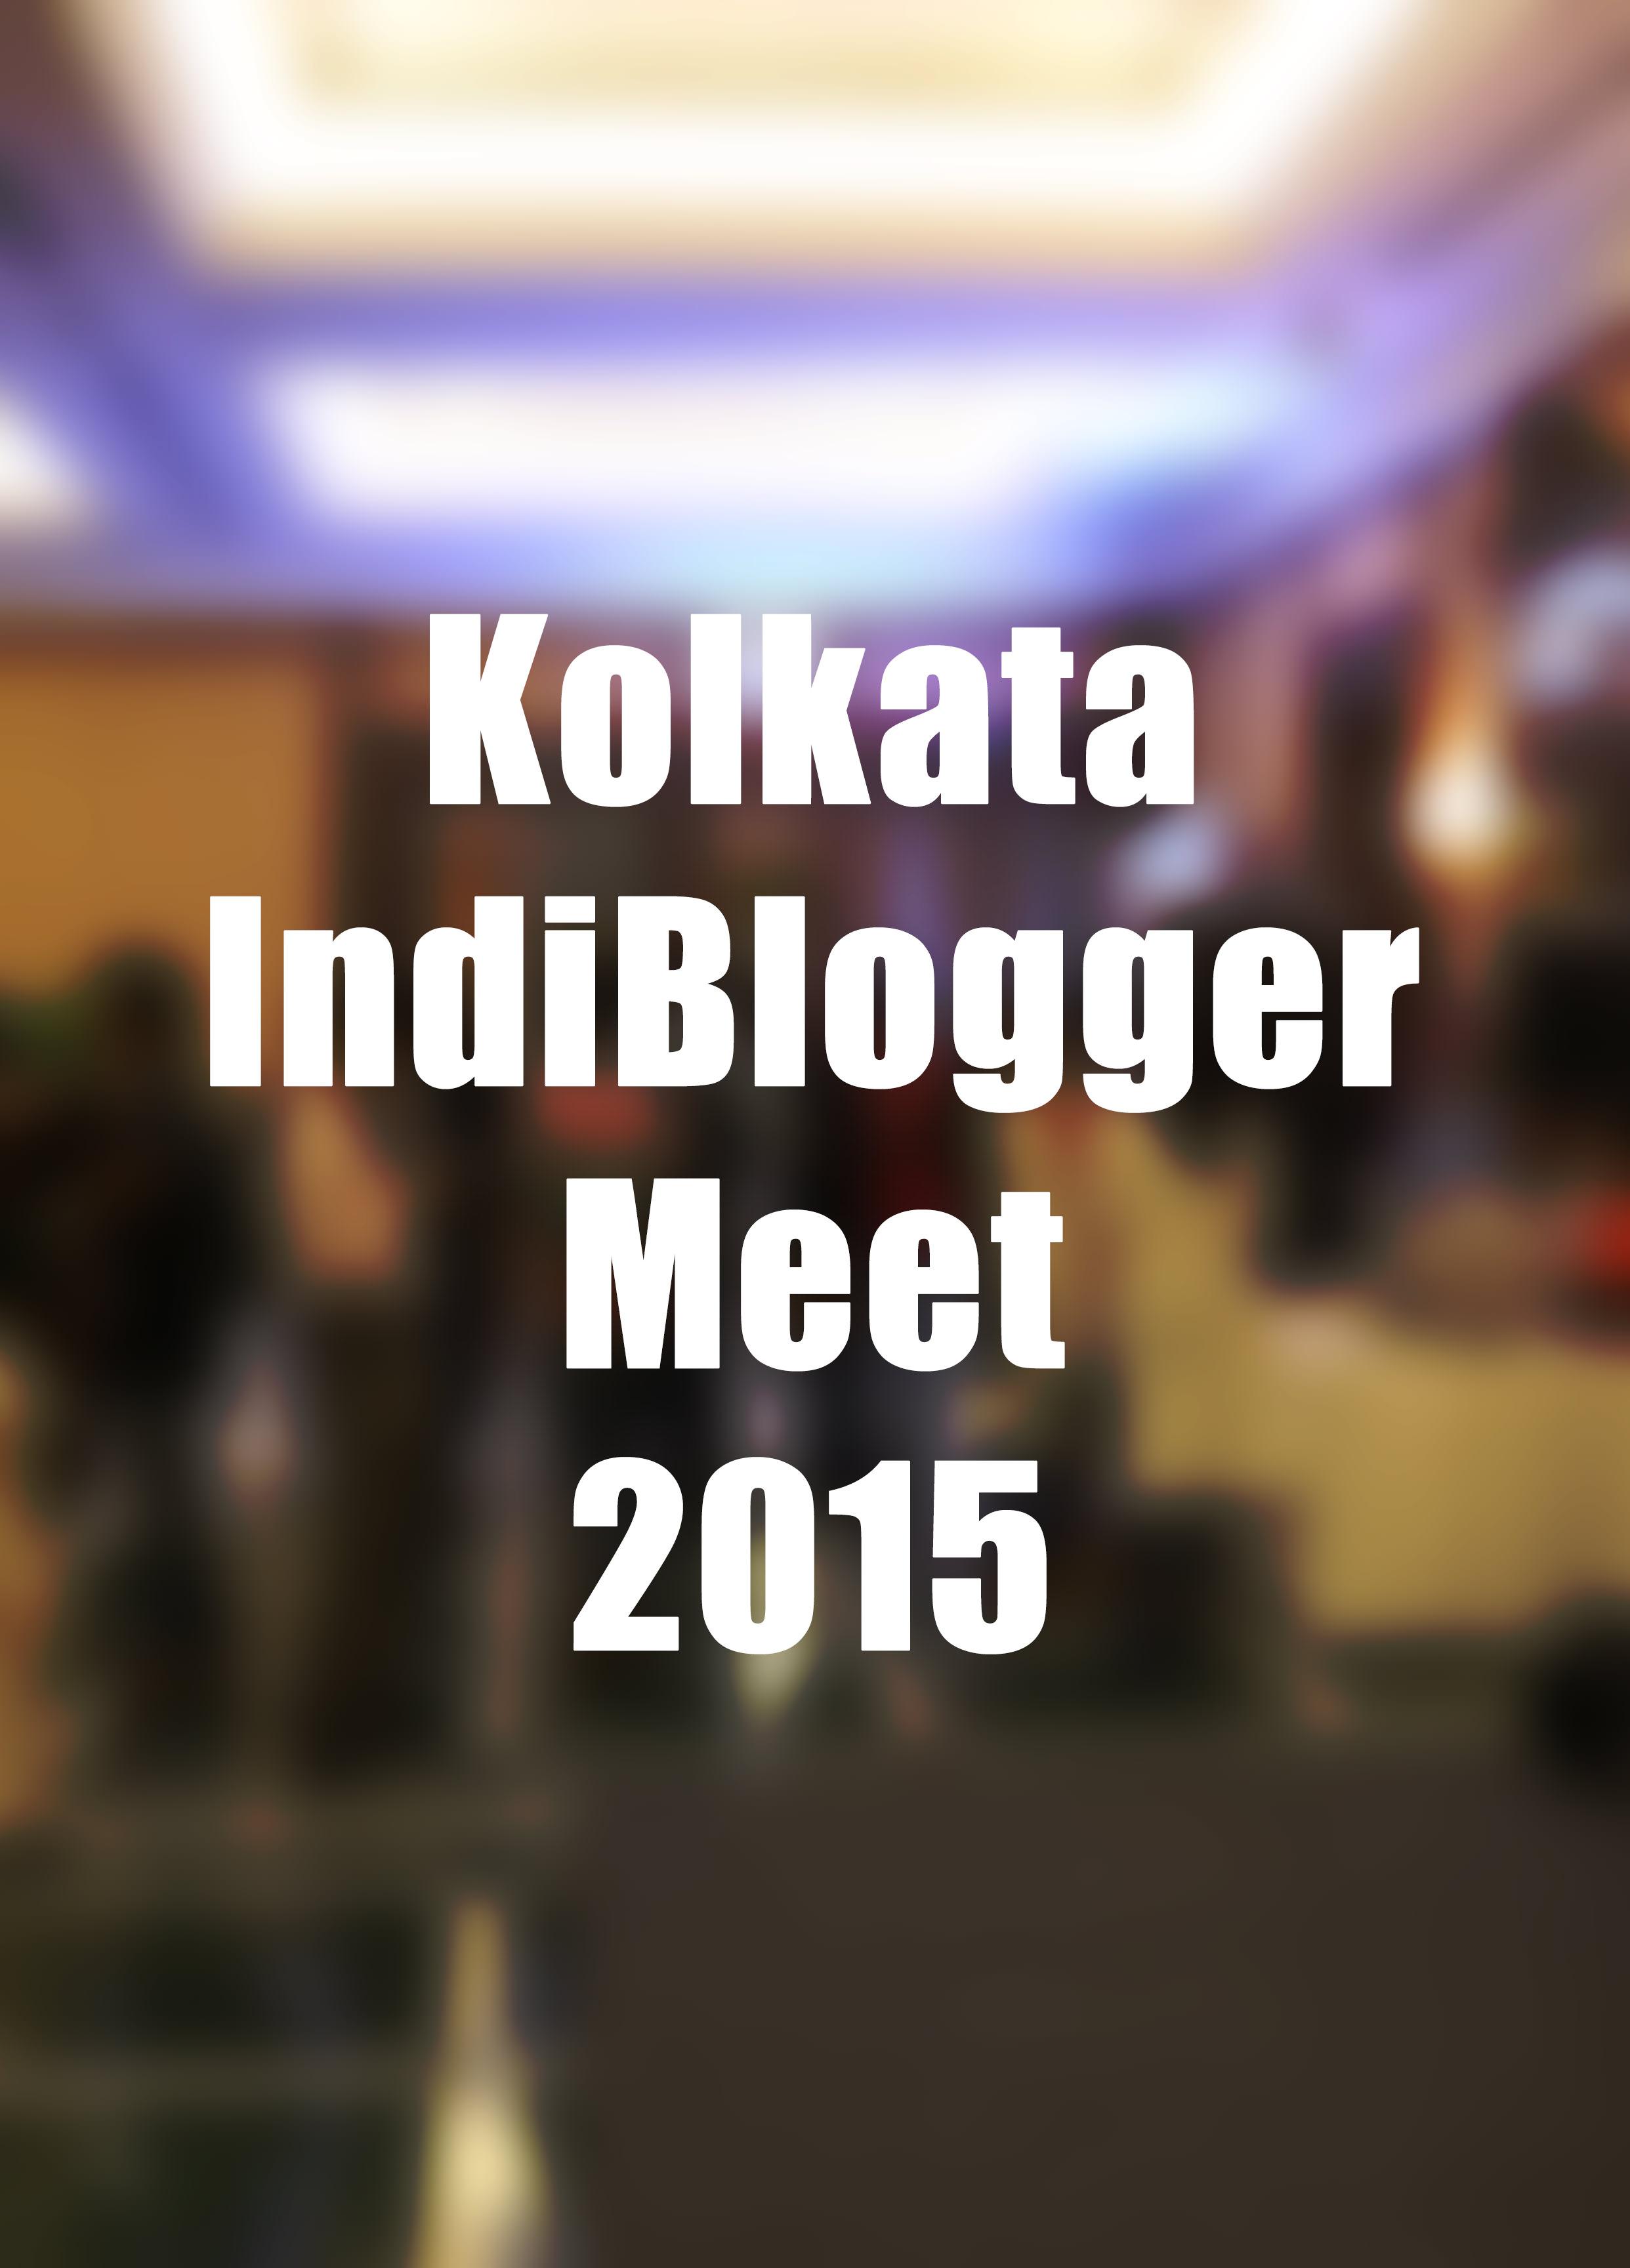 #BergerXP Kolkata Indiblogger Meet 2015